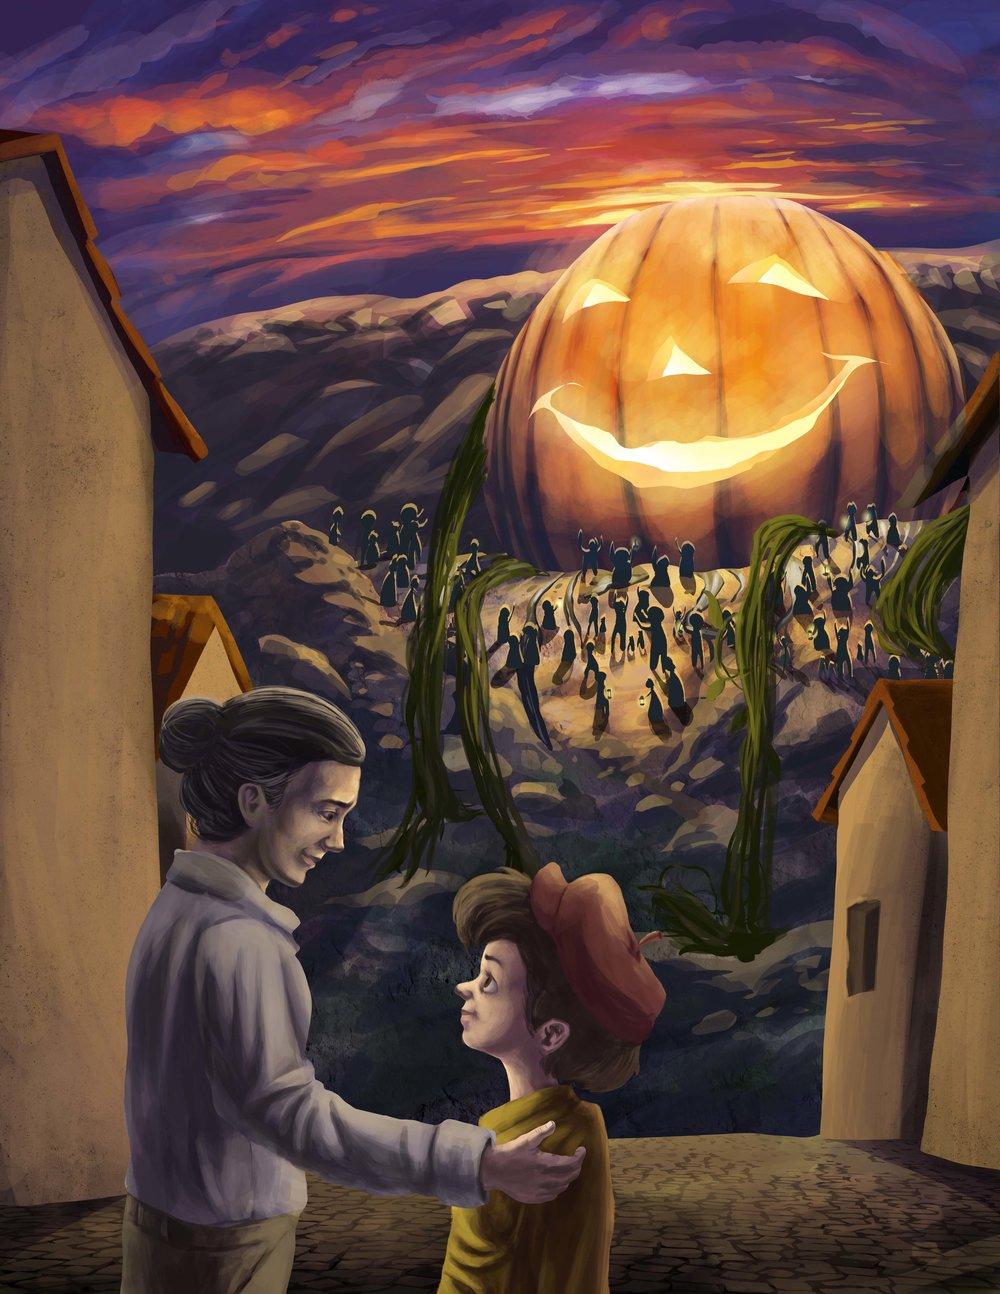 Giacomo the Pumpkin - Giacomo Saves the Day